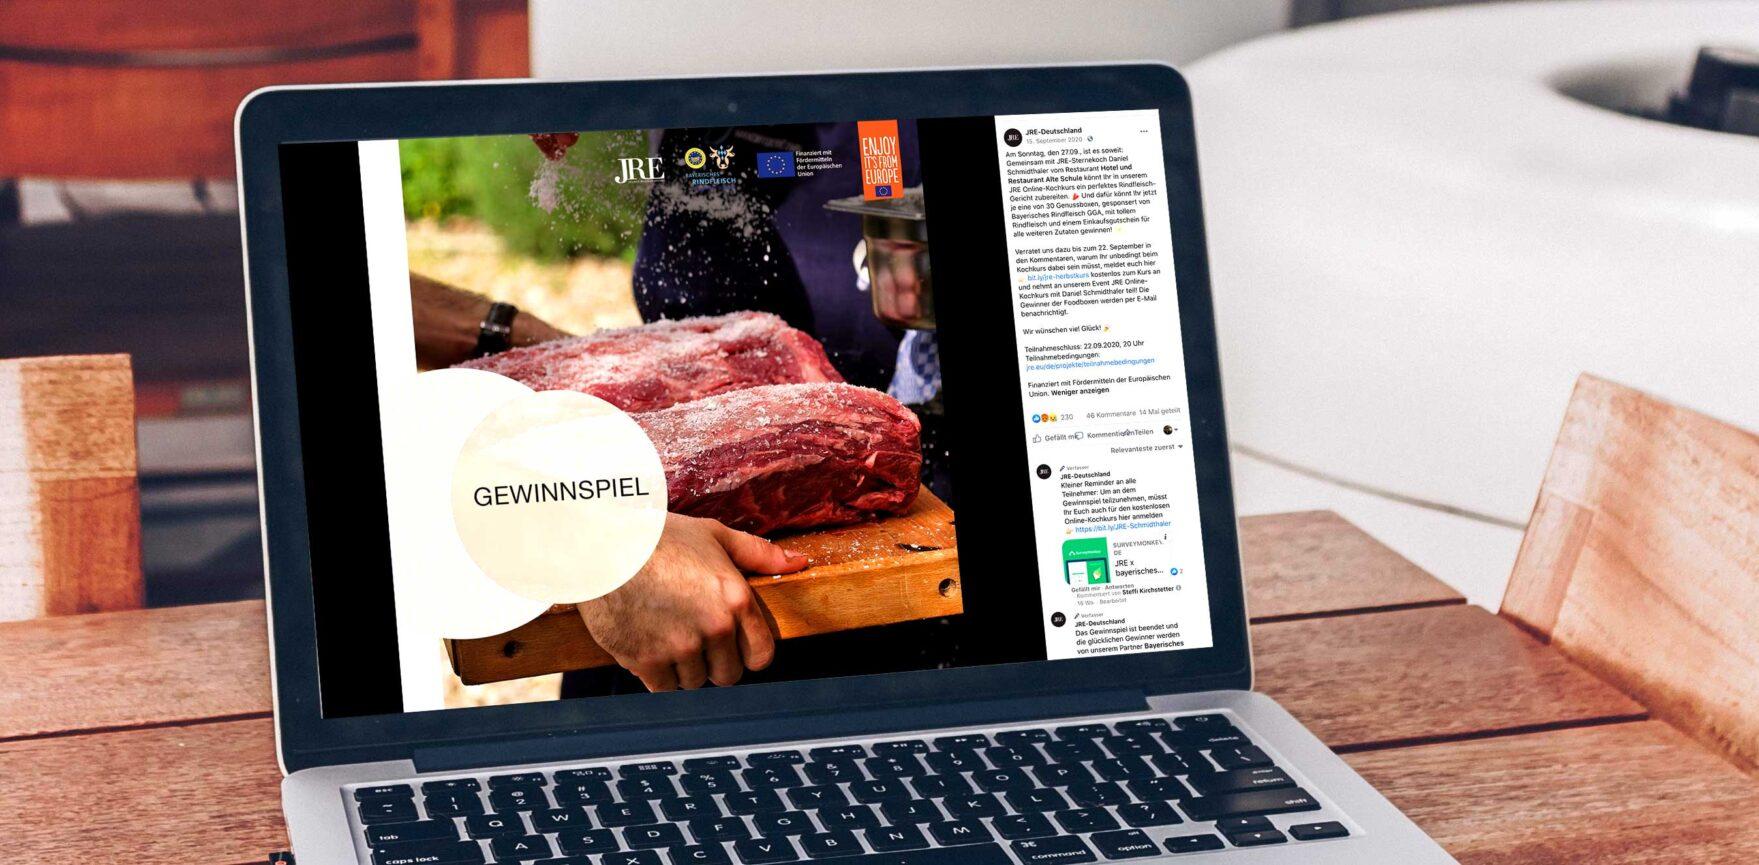 JRE Deutschland Online Kochkurs mit Daniel Schmidthaler Gewinnspiel